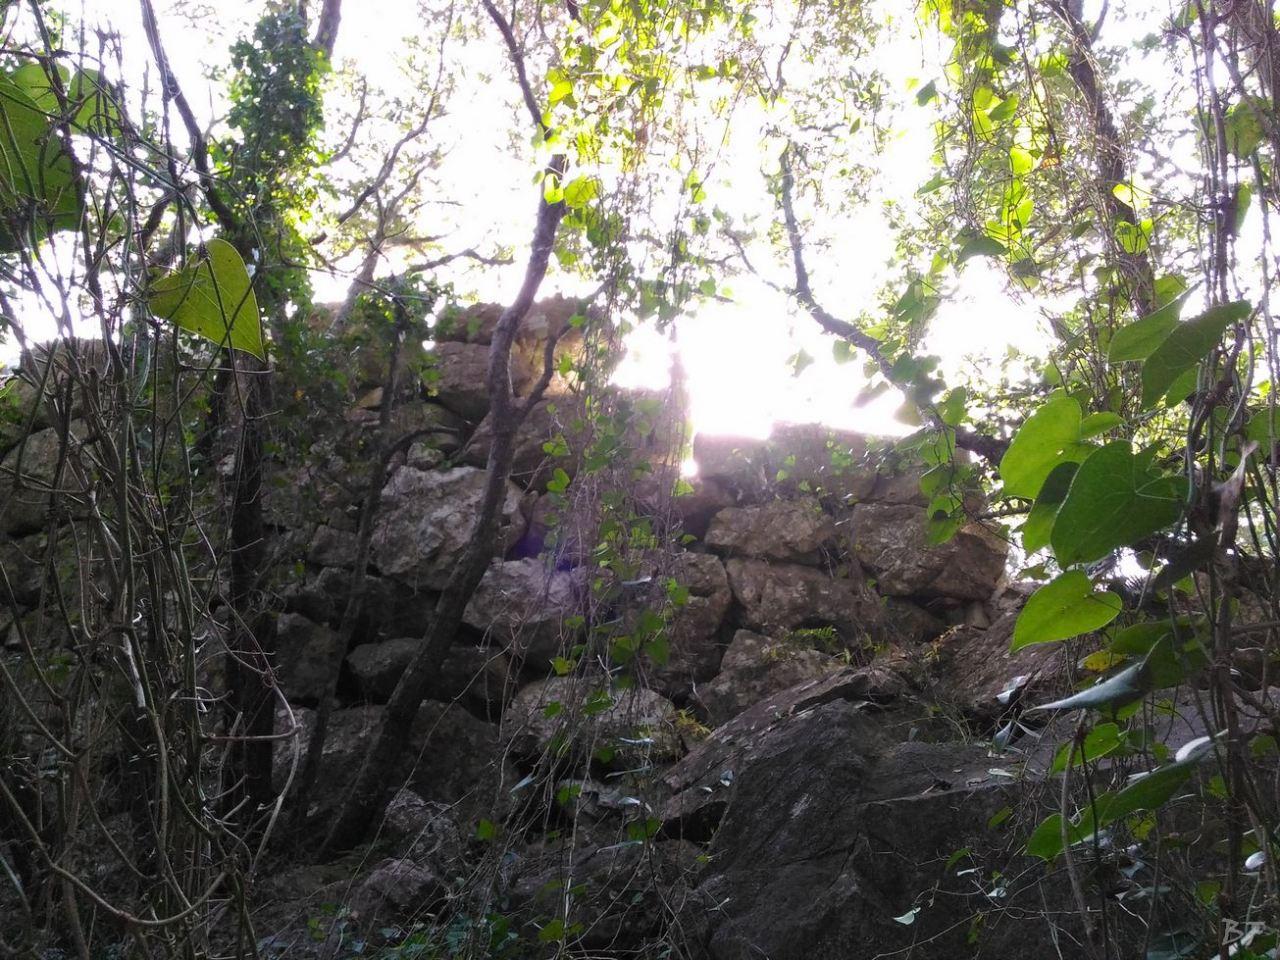 Circeii-Mura-Megalitiche-Poligonali-Latina-Lazio-Italia-9